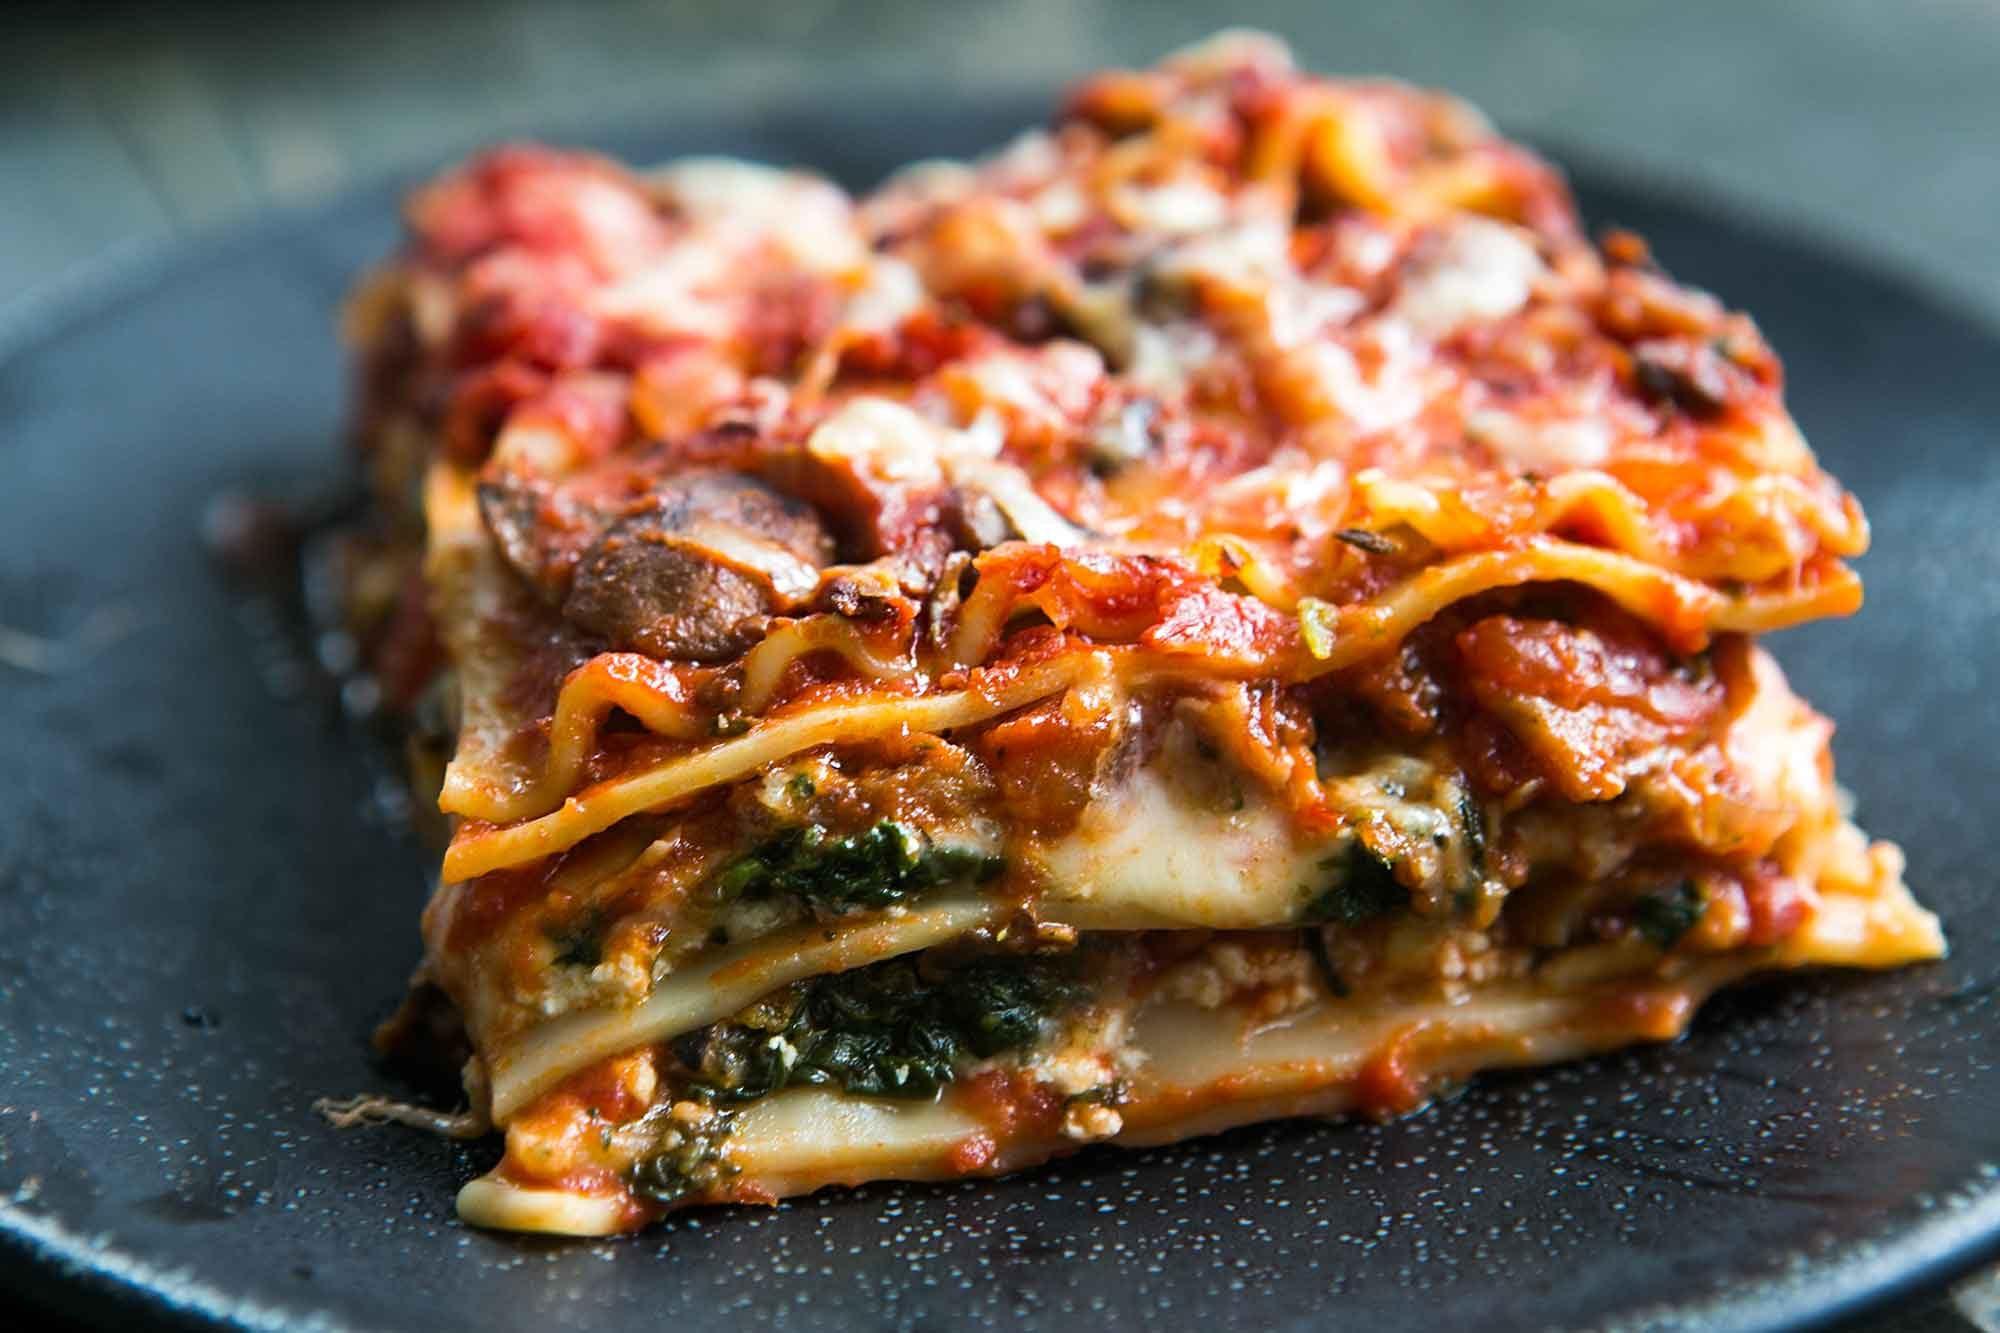 Gourmet, etnico o veg? No, grazie. 8 italiani su 10 rivogliono la cucina della nonna.